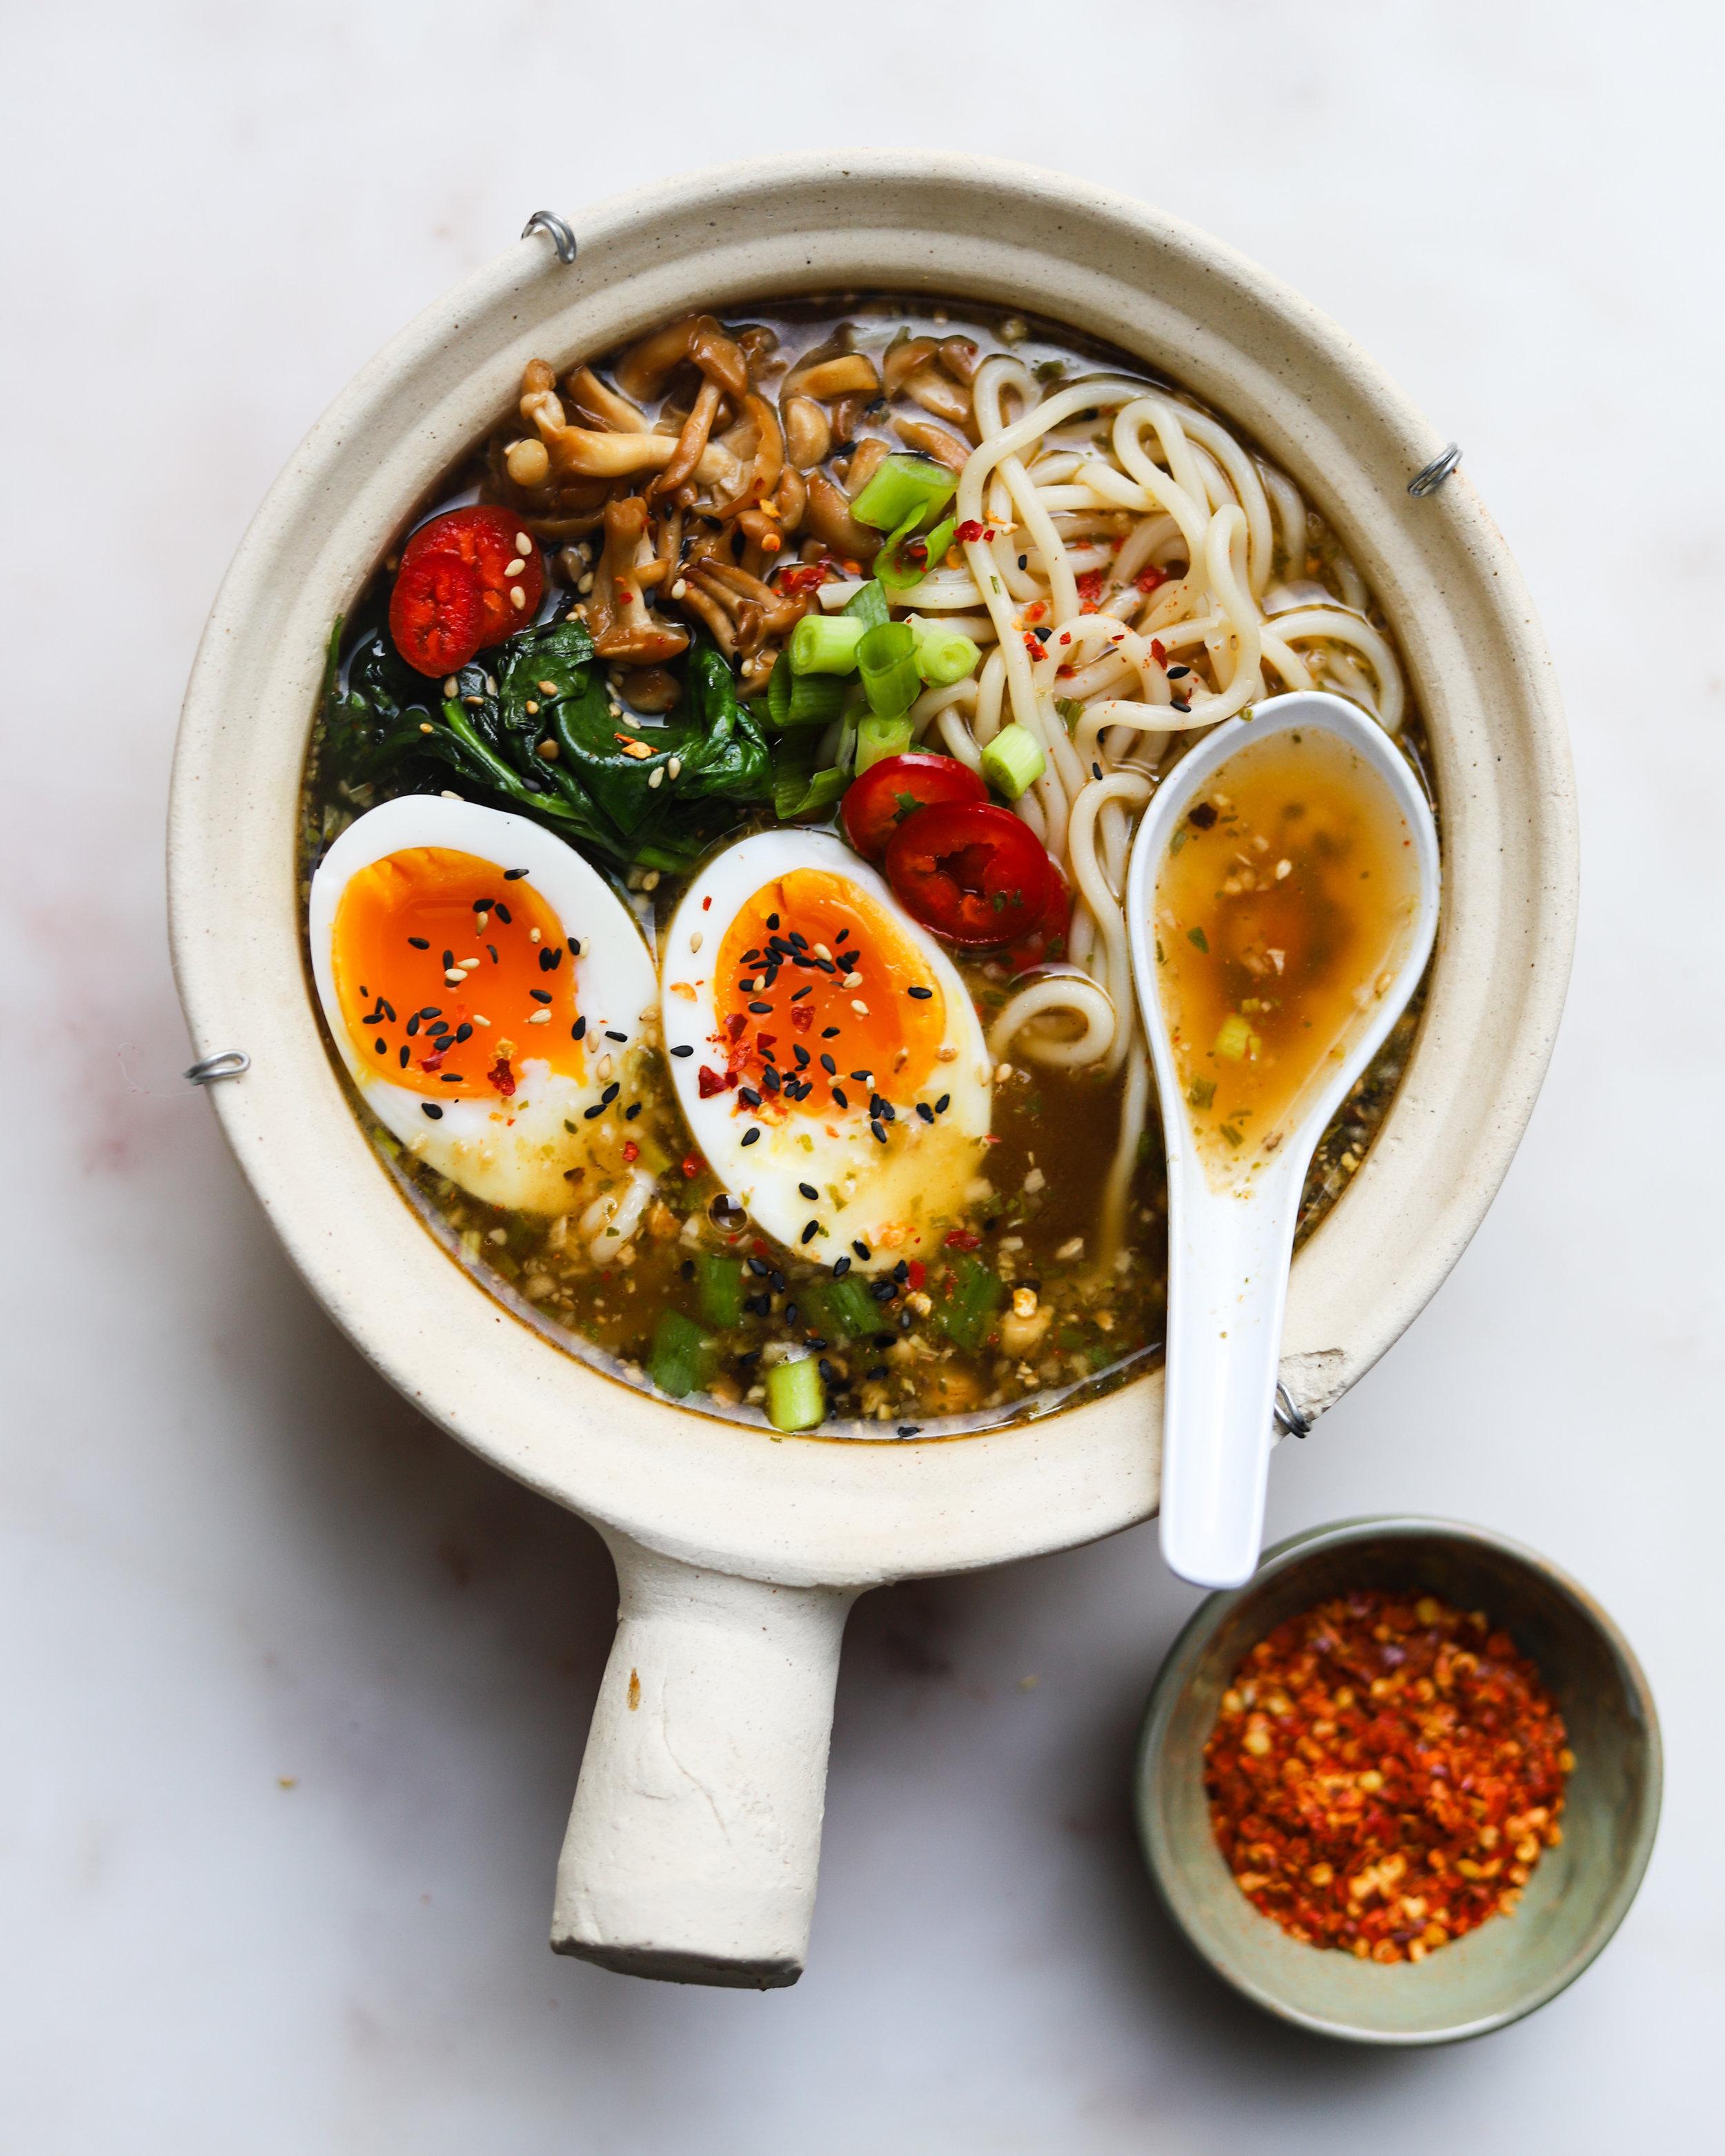 Loaded Chicken Ramen Noodle Soup